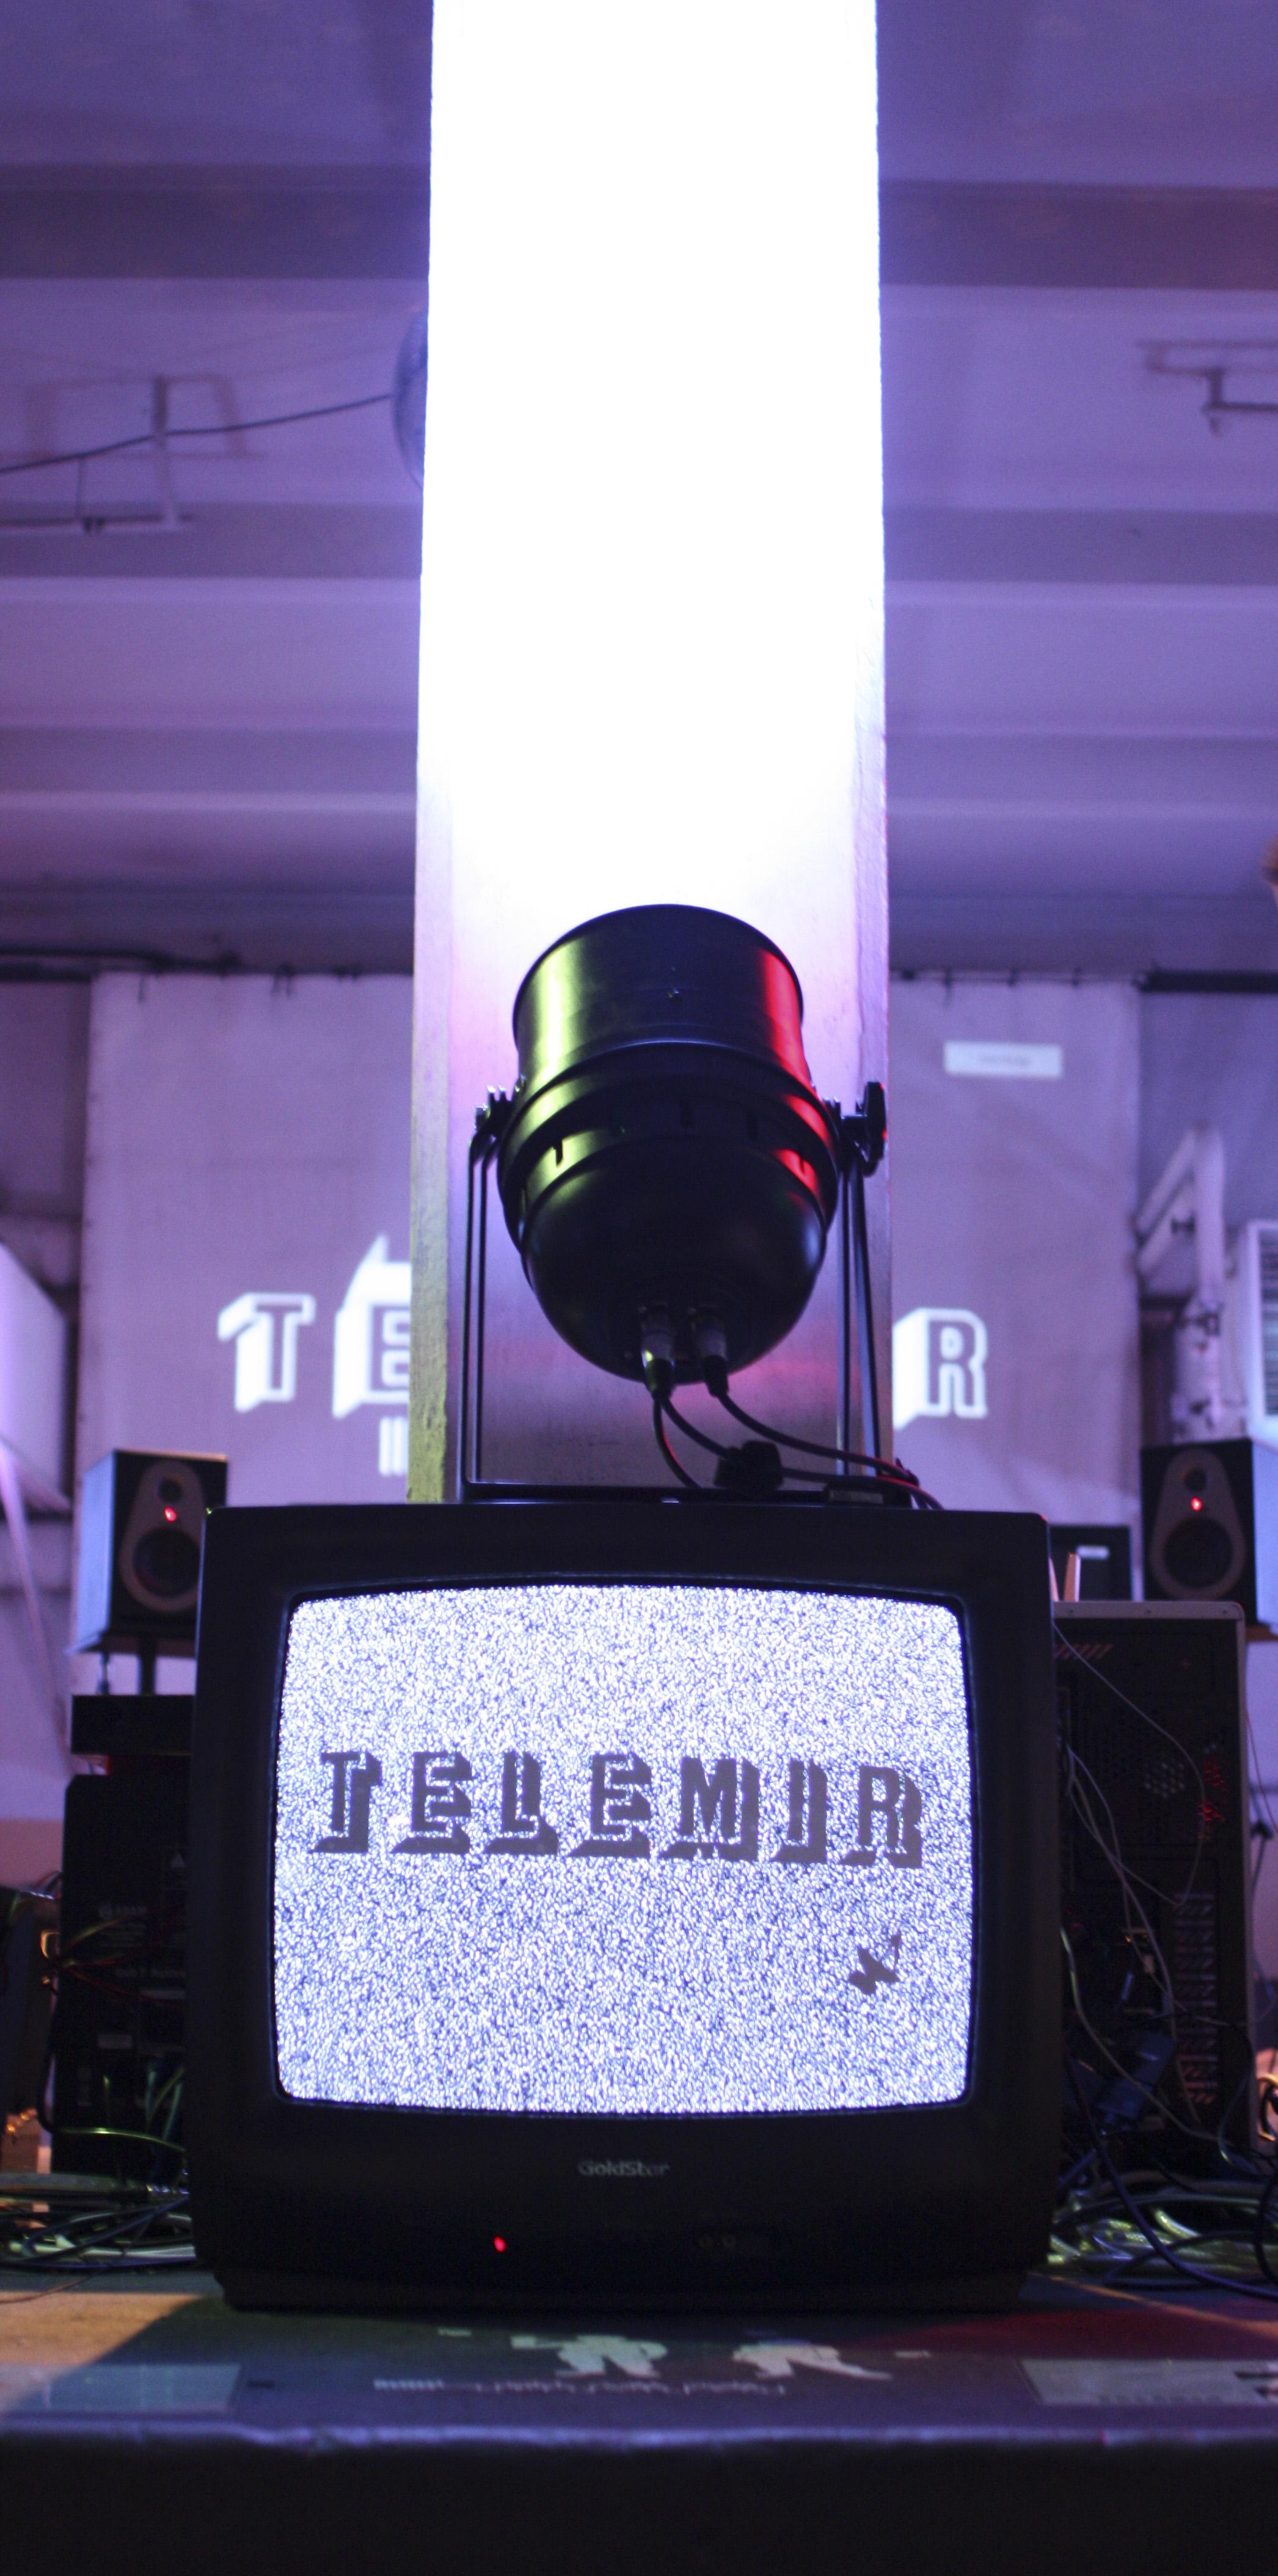 telem26